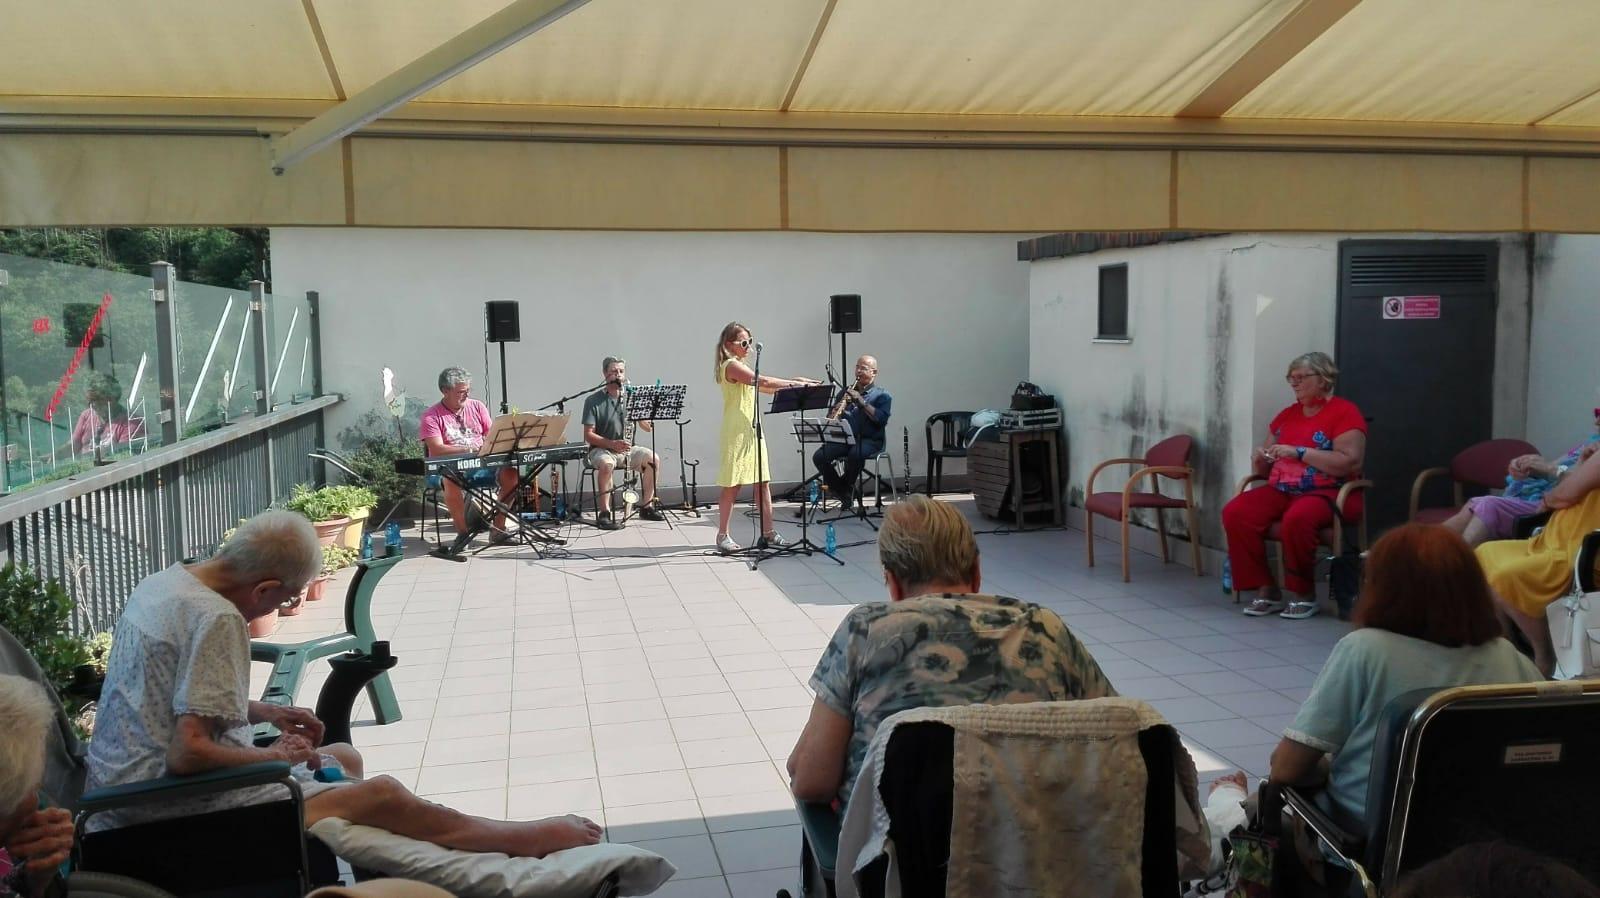 Estate Residenza Sanitaria Assistenziale Santuario - Opere Sociali Servizi Savona